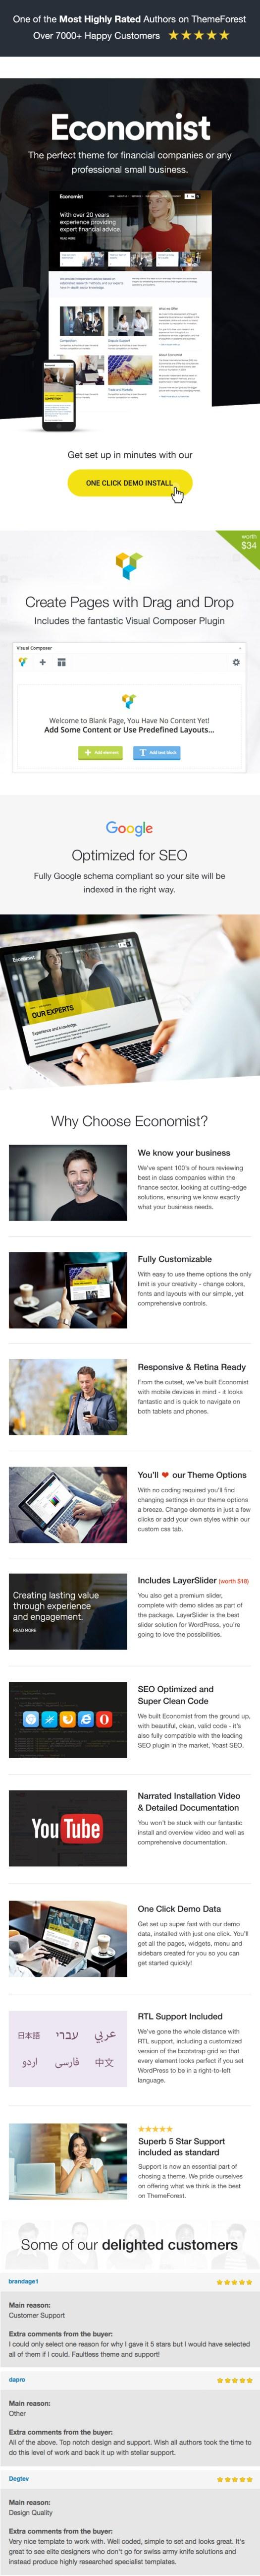 Economist WordPress Theme Features